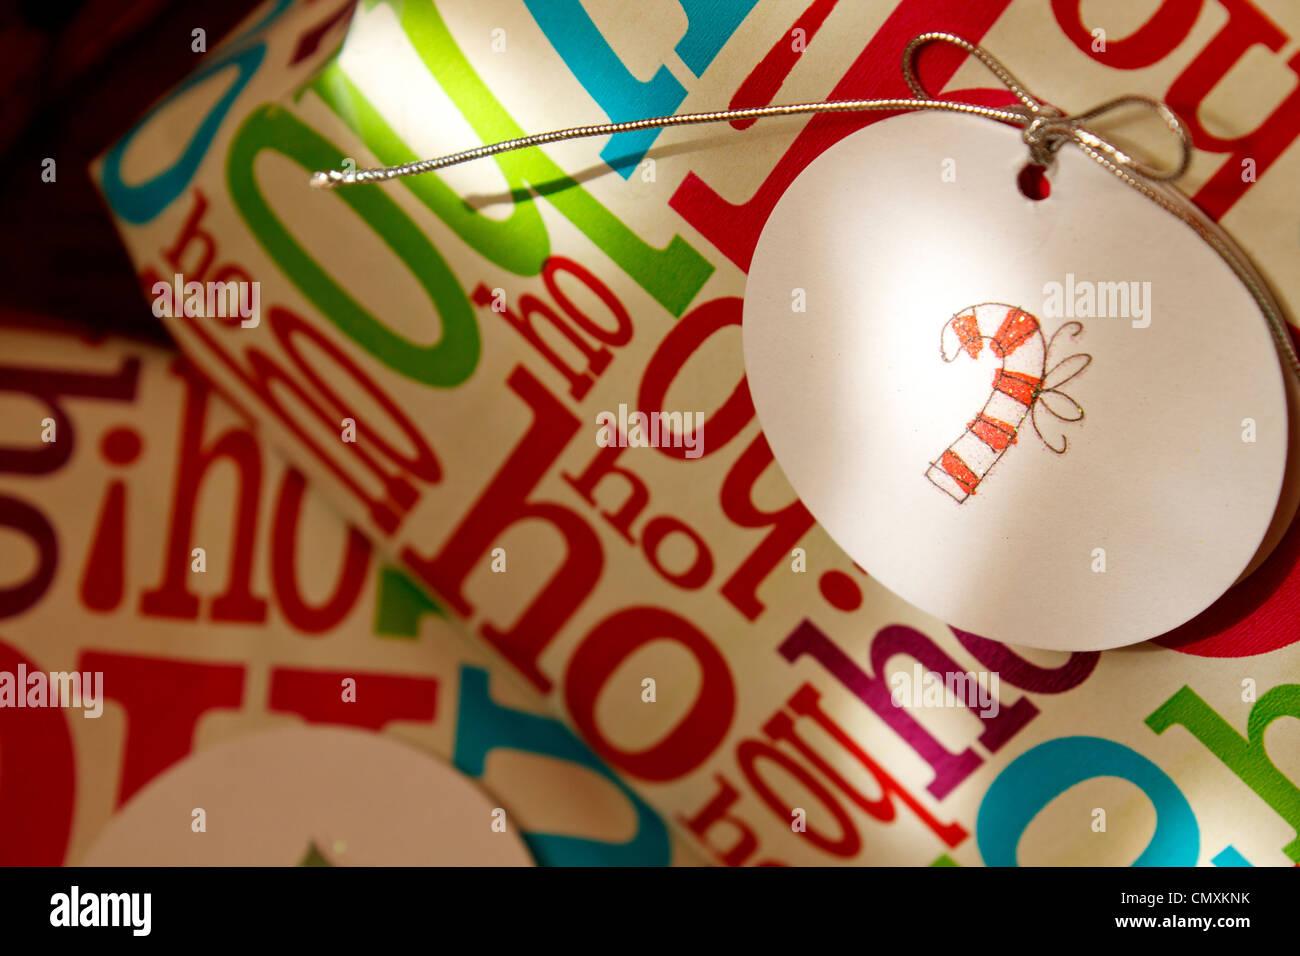 Weihnachtsgeschenke mit Candy-Bar-Tag. Stockfoto